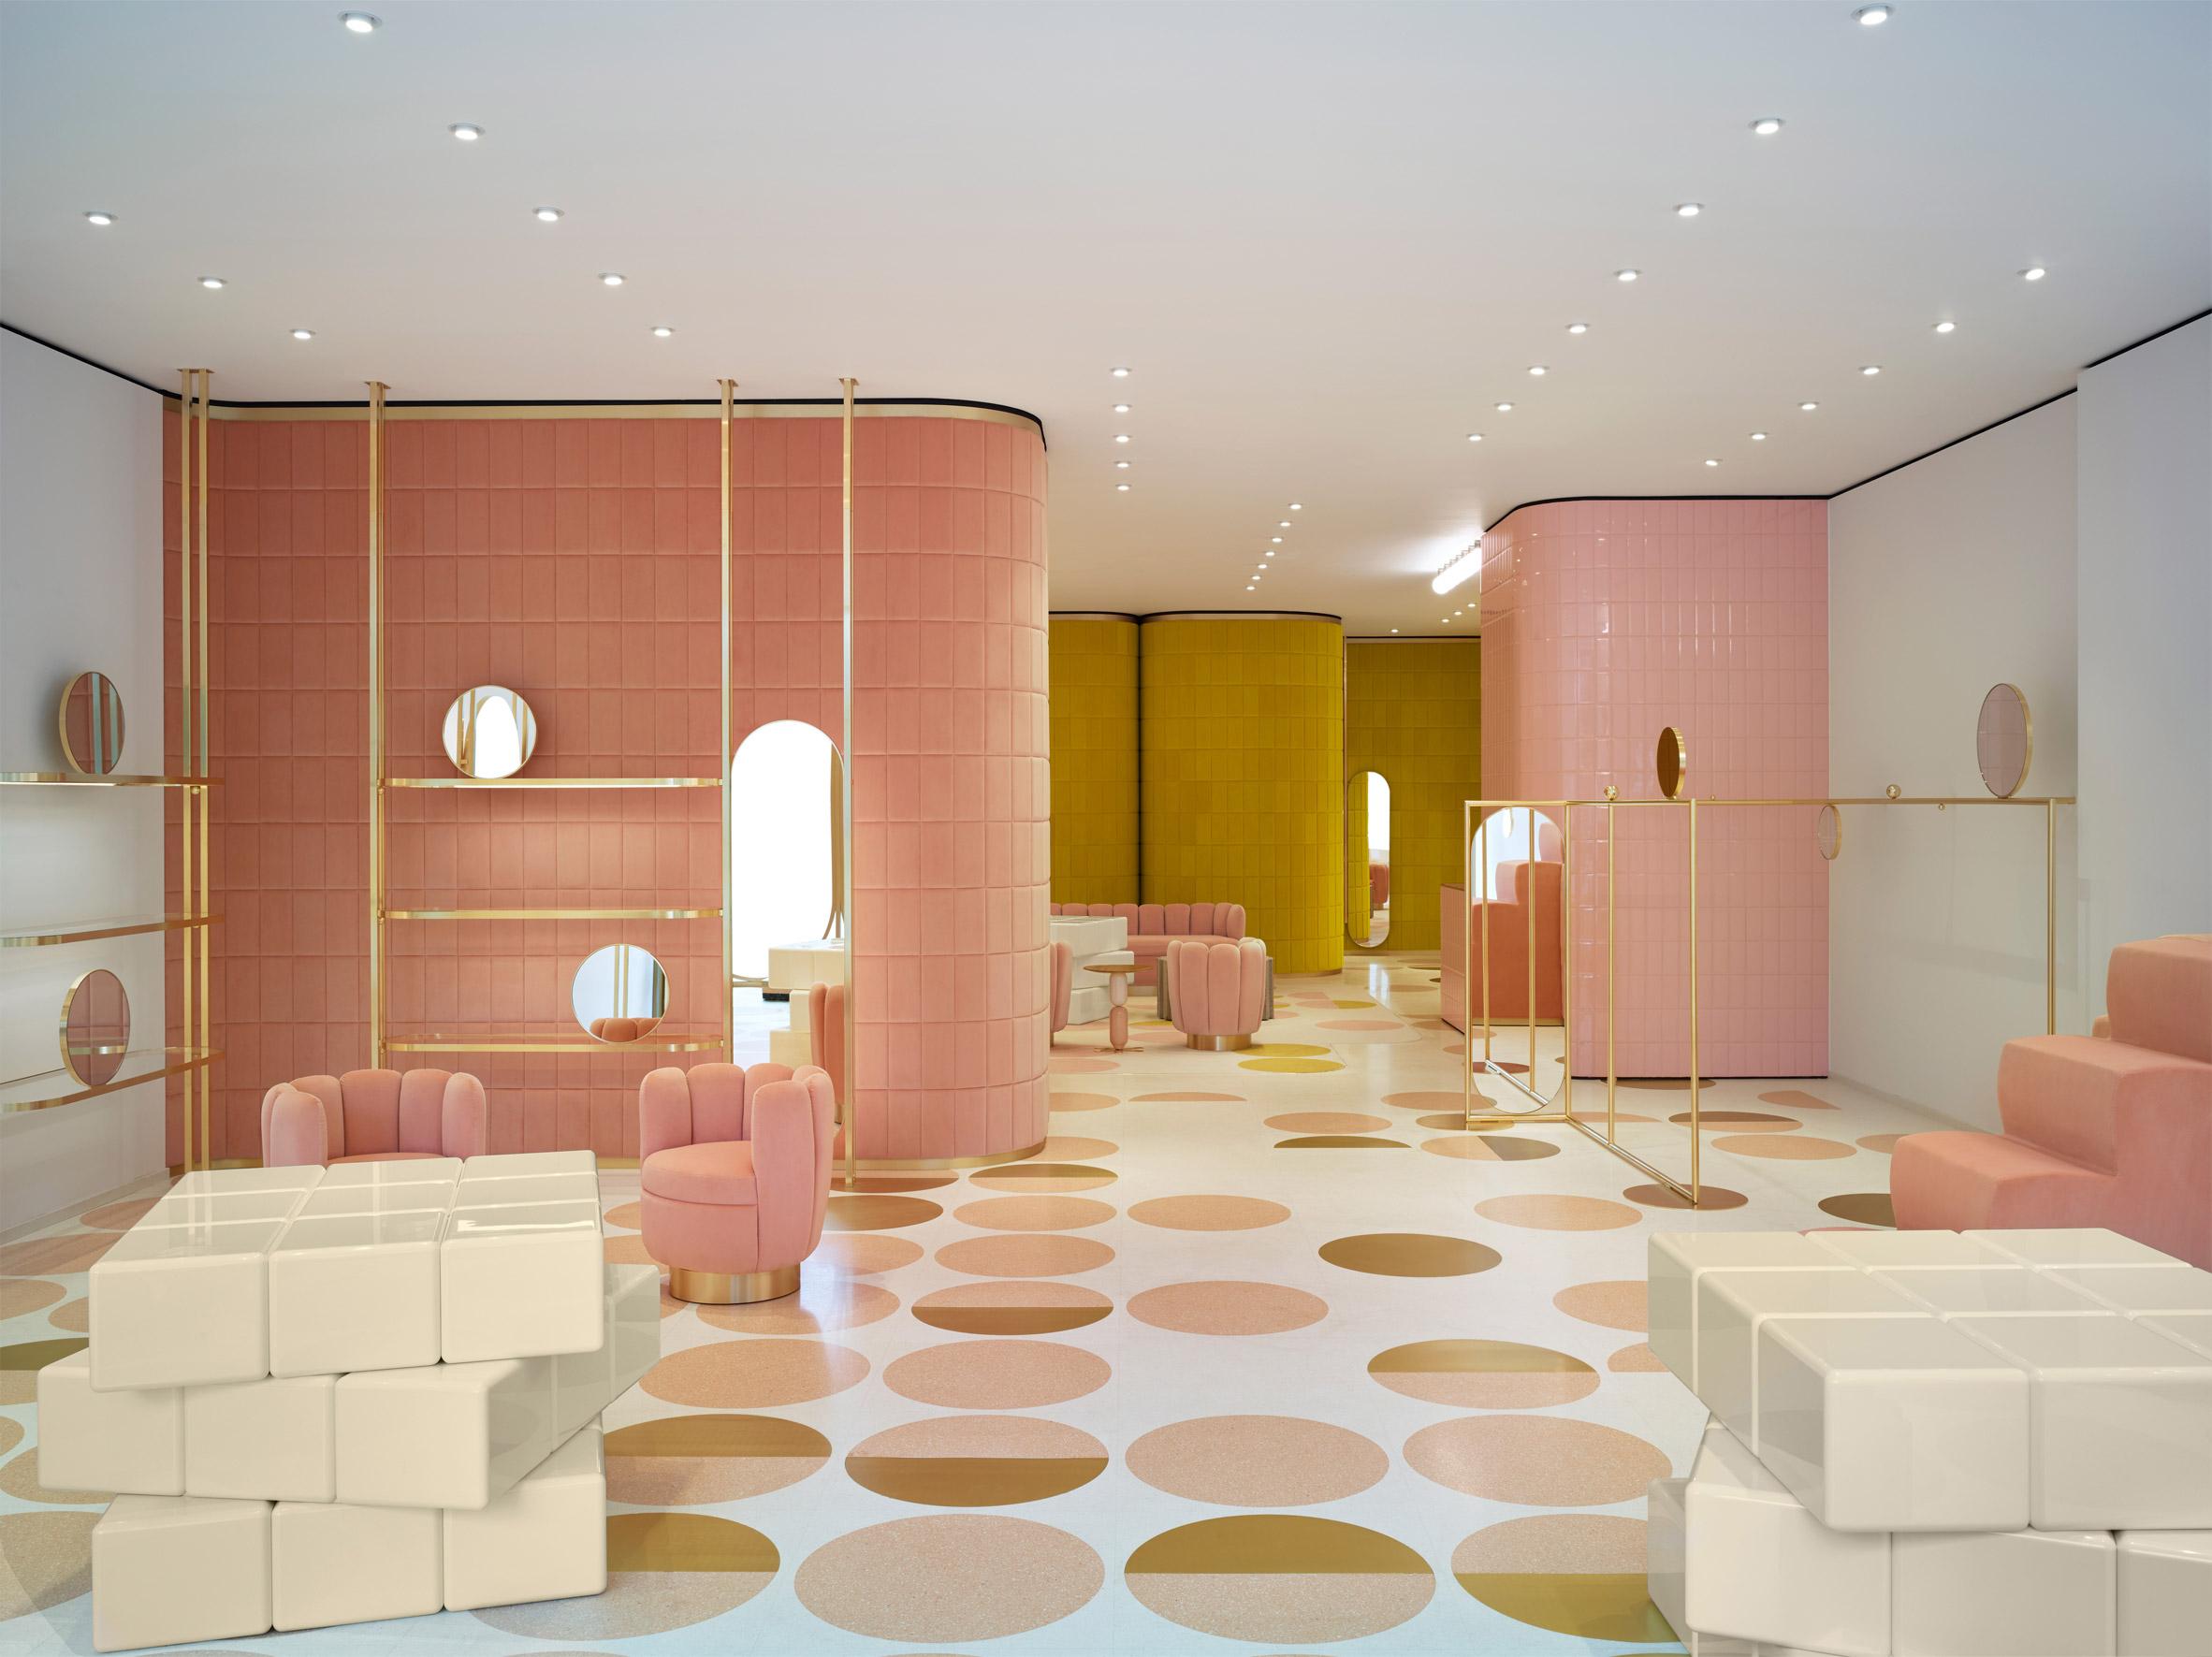 redvalentino-store-by-pierpaolo-piccioli-and-india-mahdavi-interior-design-london-_dezeen_2364_col_9.jpg